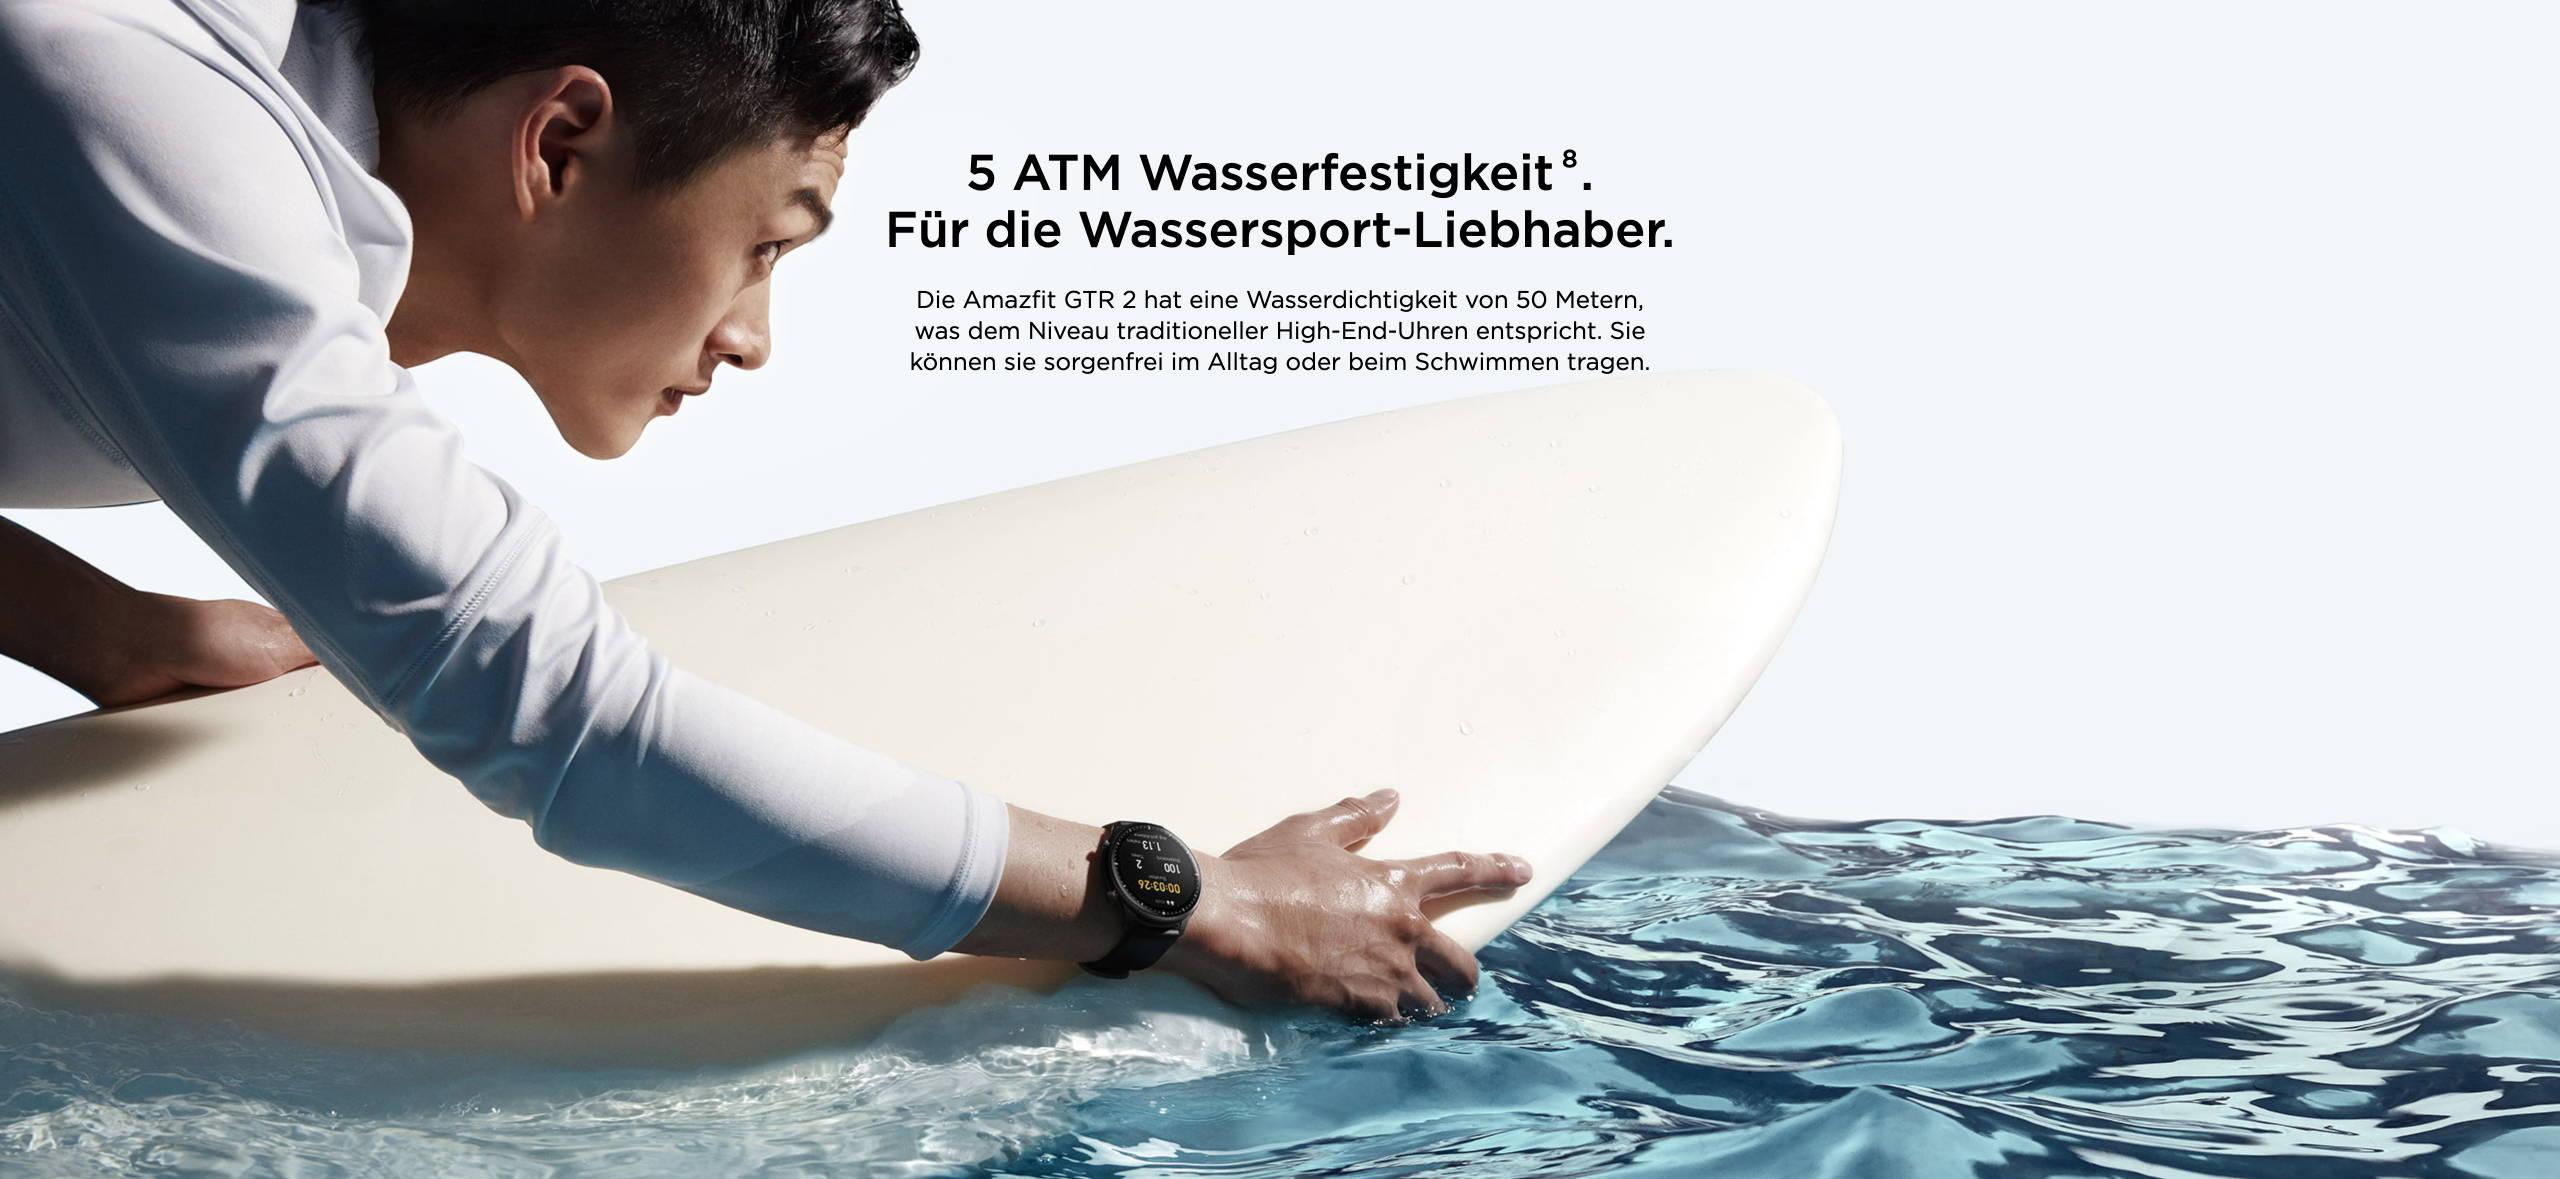 Amazfit GTR 2 - 5 ATM Wasserfestigkeit. Für die Wassersport-Liebhaber.